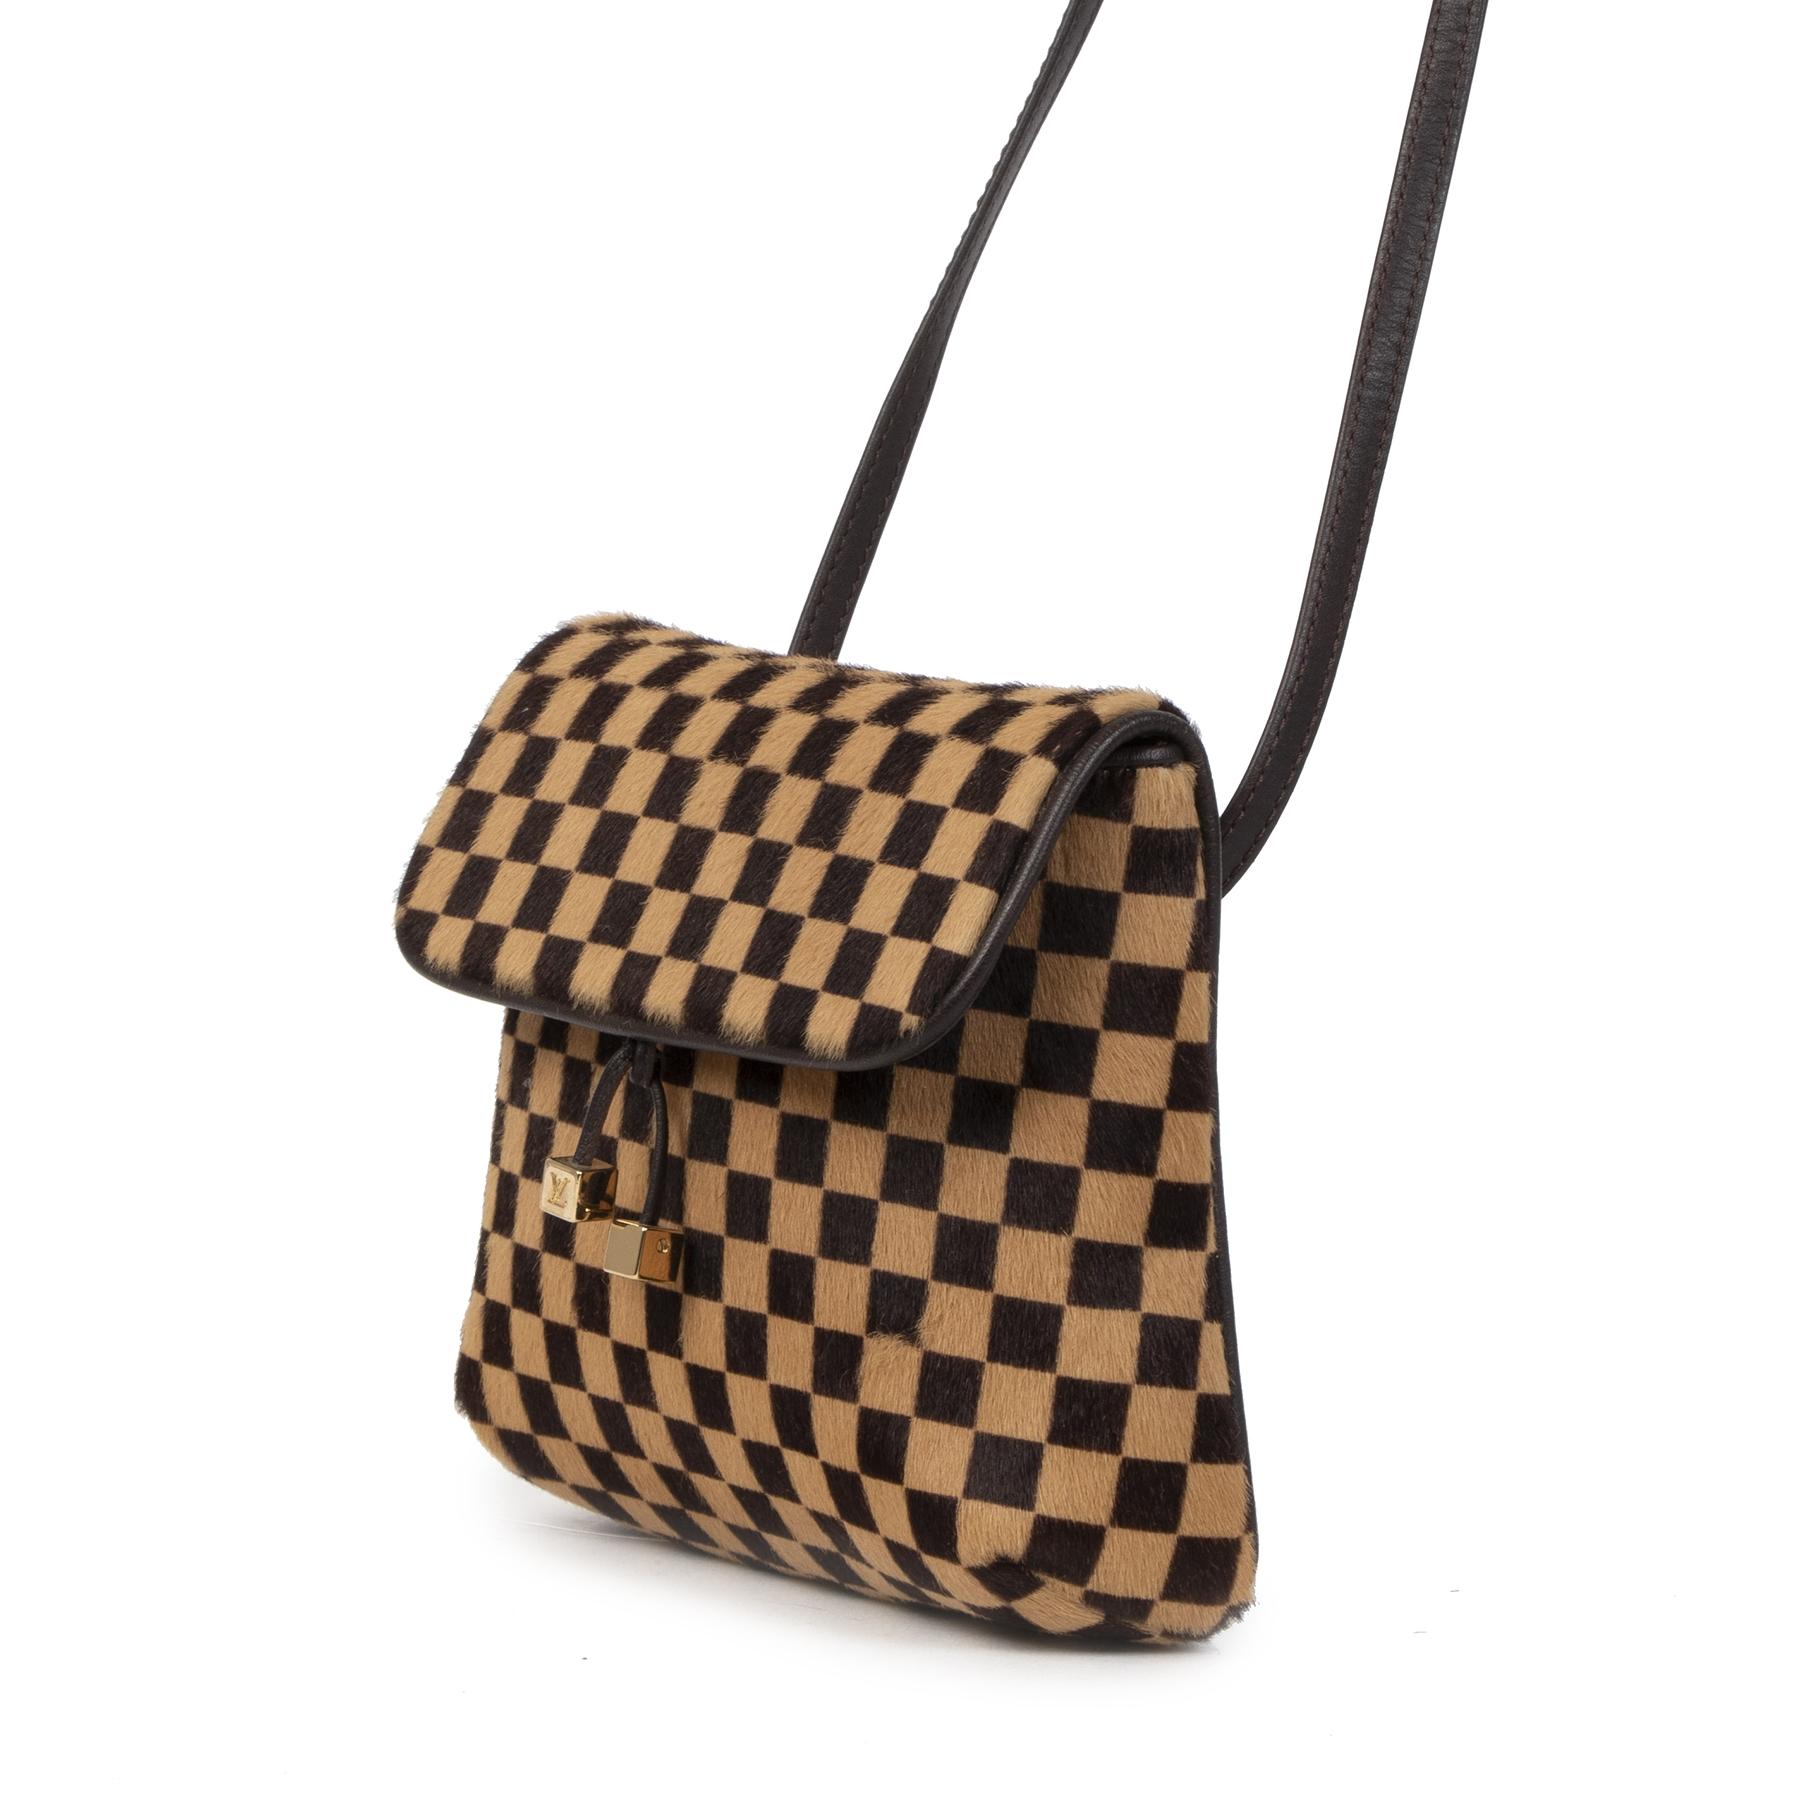 Authentieke Tweedehands Louis Vuitton Damier Pony Hair Crossbody Bag juiste prijs veilig online shoppen luxe merken webshop winkelen Antwerpen België mode fashion